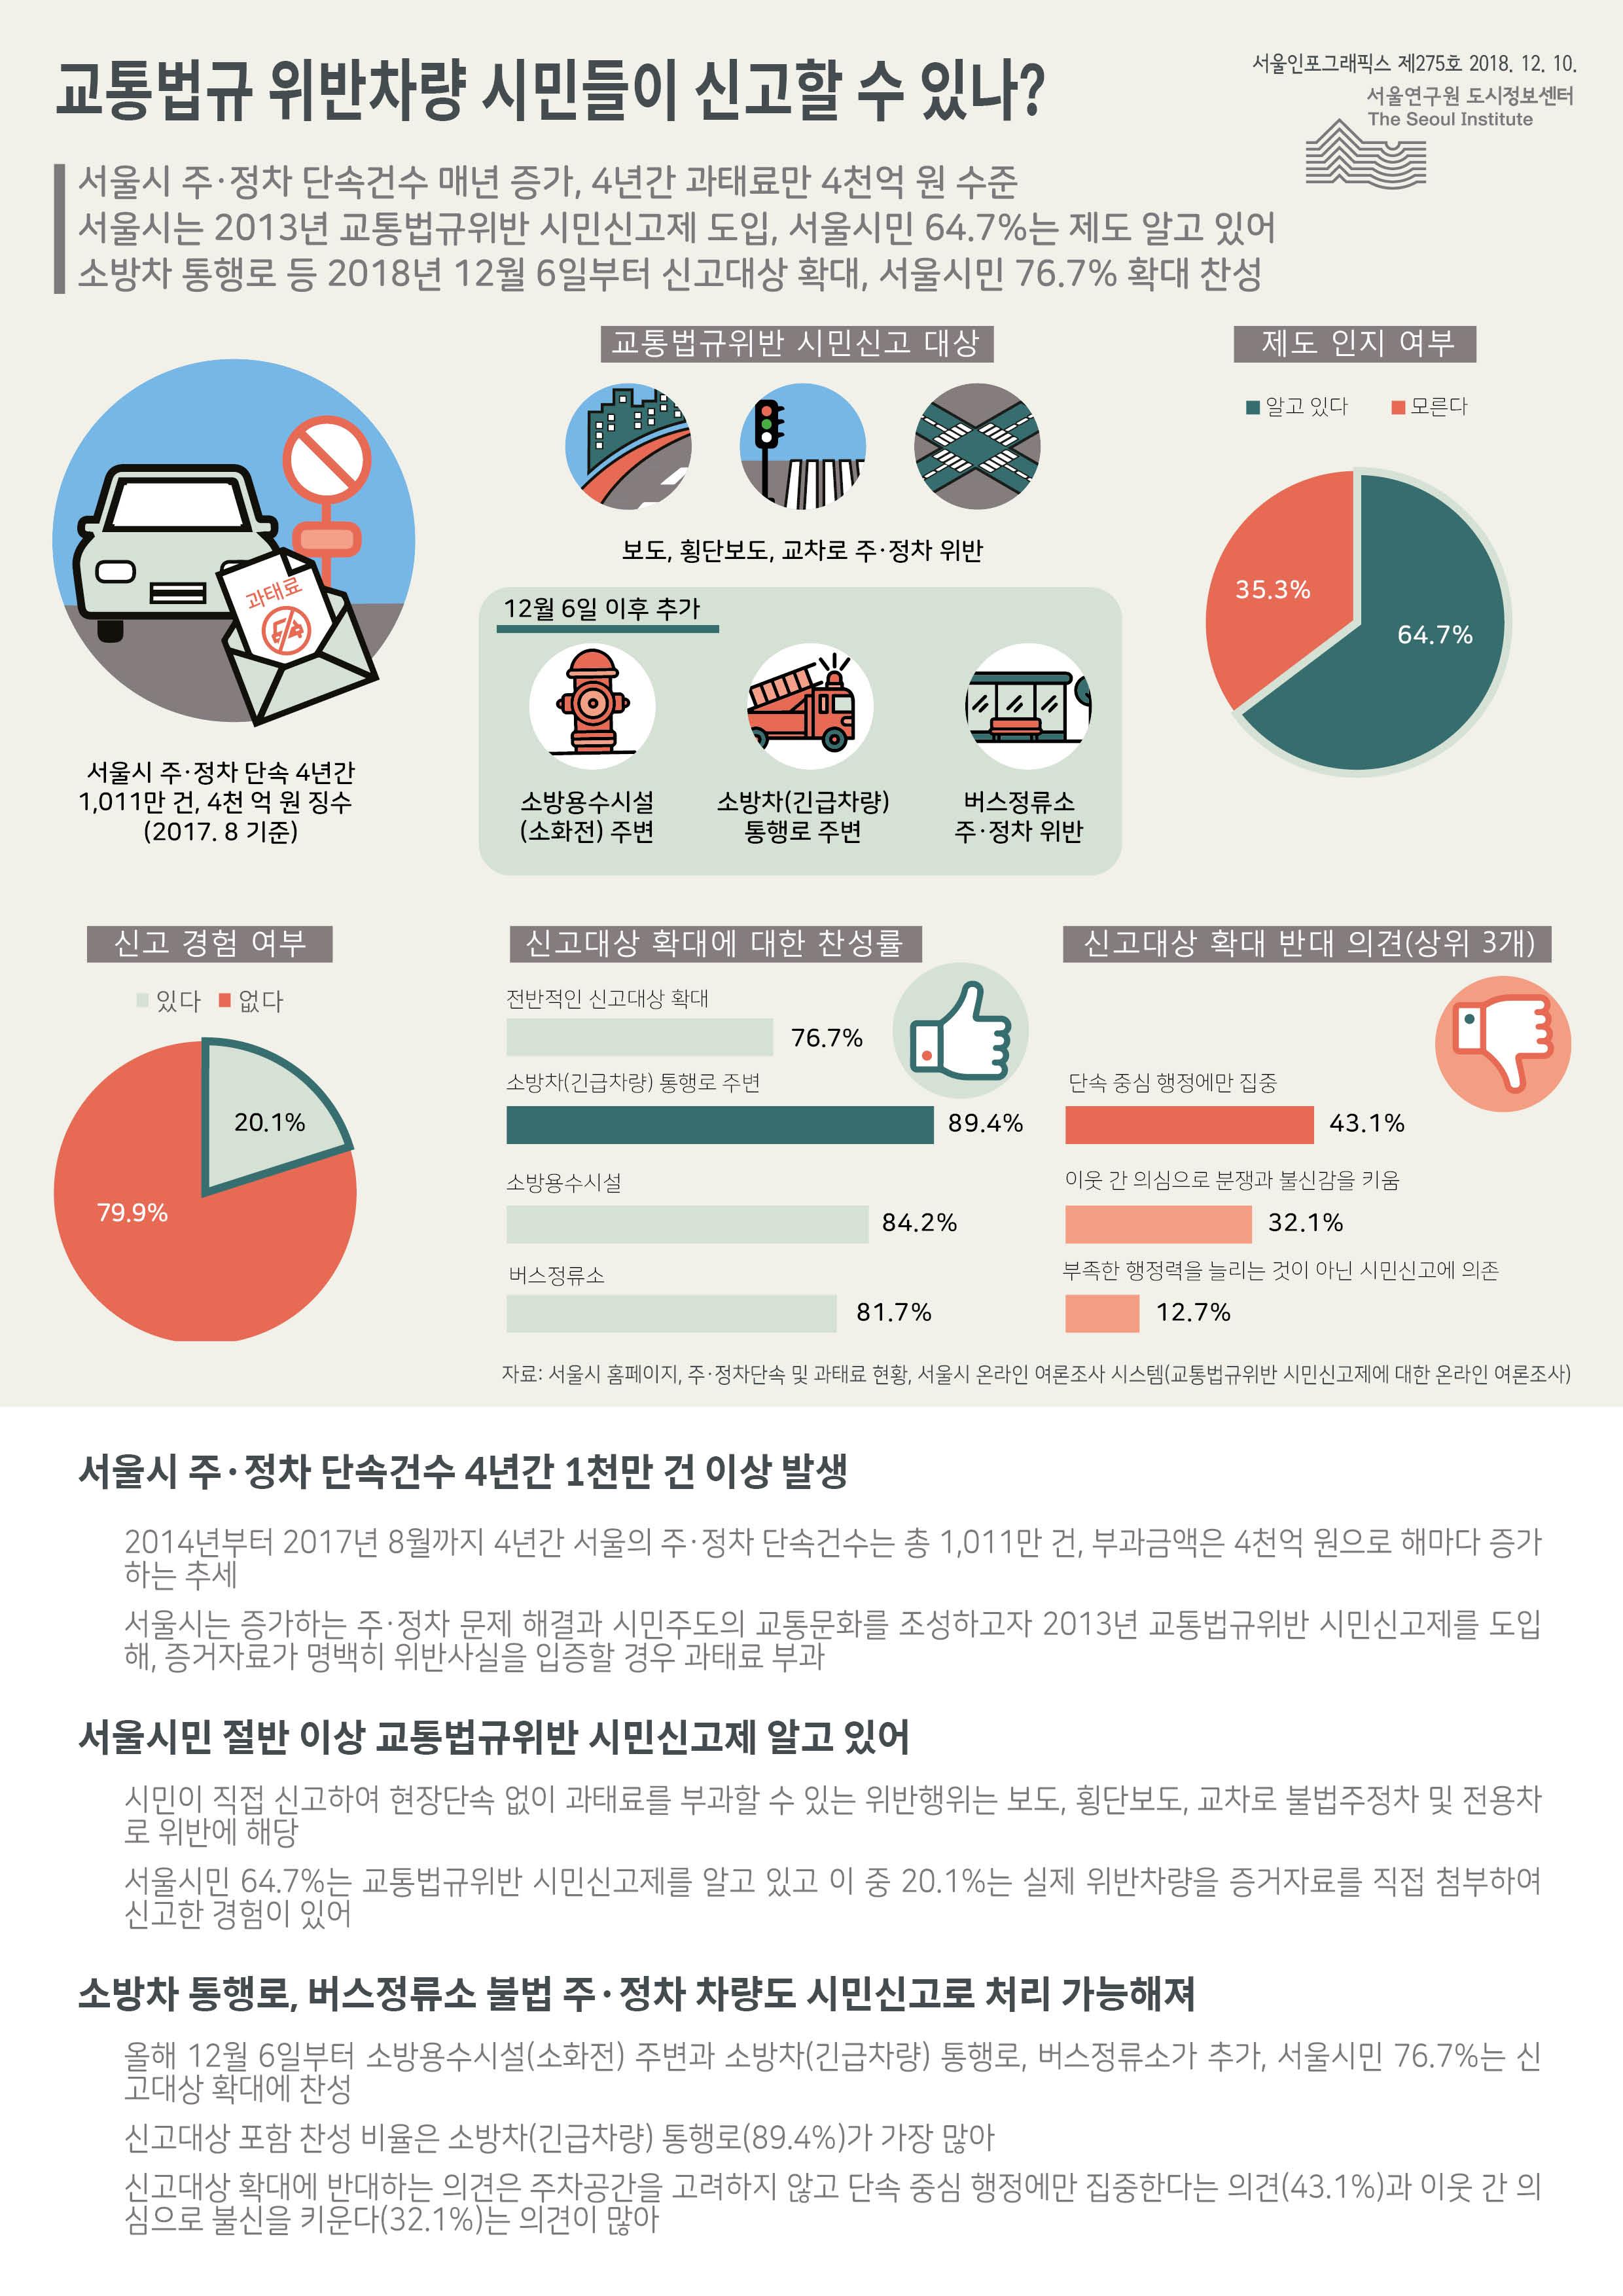 서울시 주·정차 단속건수 매년 증가, 4년간 과태료만 4천억 원 수준  서울시는 2013년 교통법규위반 시민신고제 도입, 서울시민 64.7%는 제도 알고 있어  소방차 통행로 등 2018년 12월 6일부터 신고대상 확대, 서울시민 76.7% 확대 찬성(하단 내용 참조)